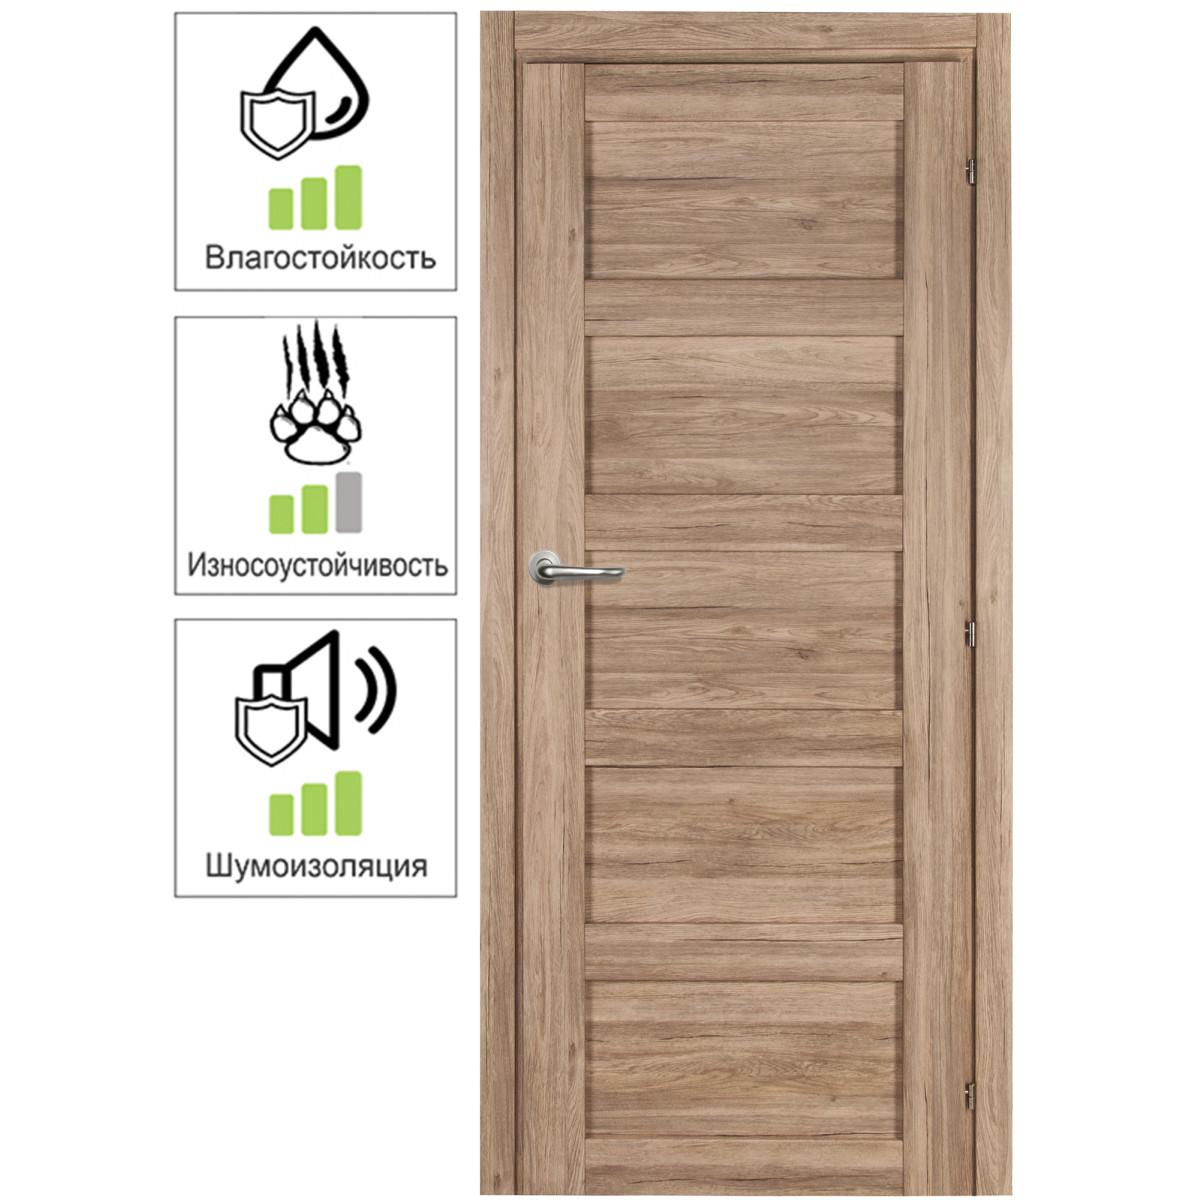 Дверь межкомнатная Прэсто 70х200 см ПВХ цвет дуб санремо натуральный с фурнитурой